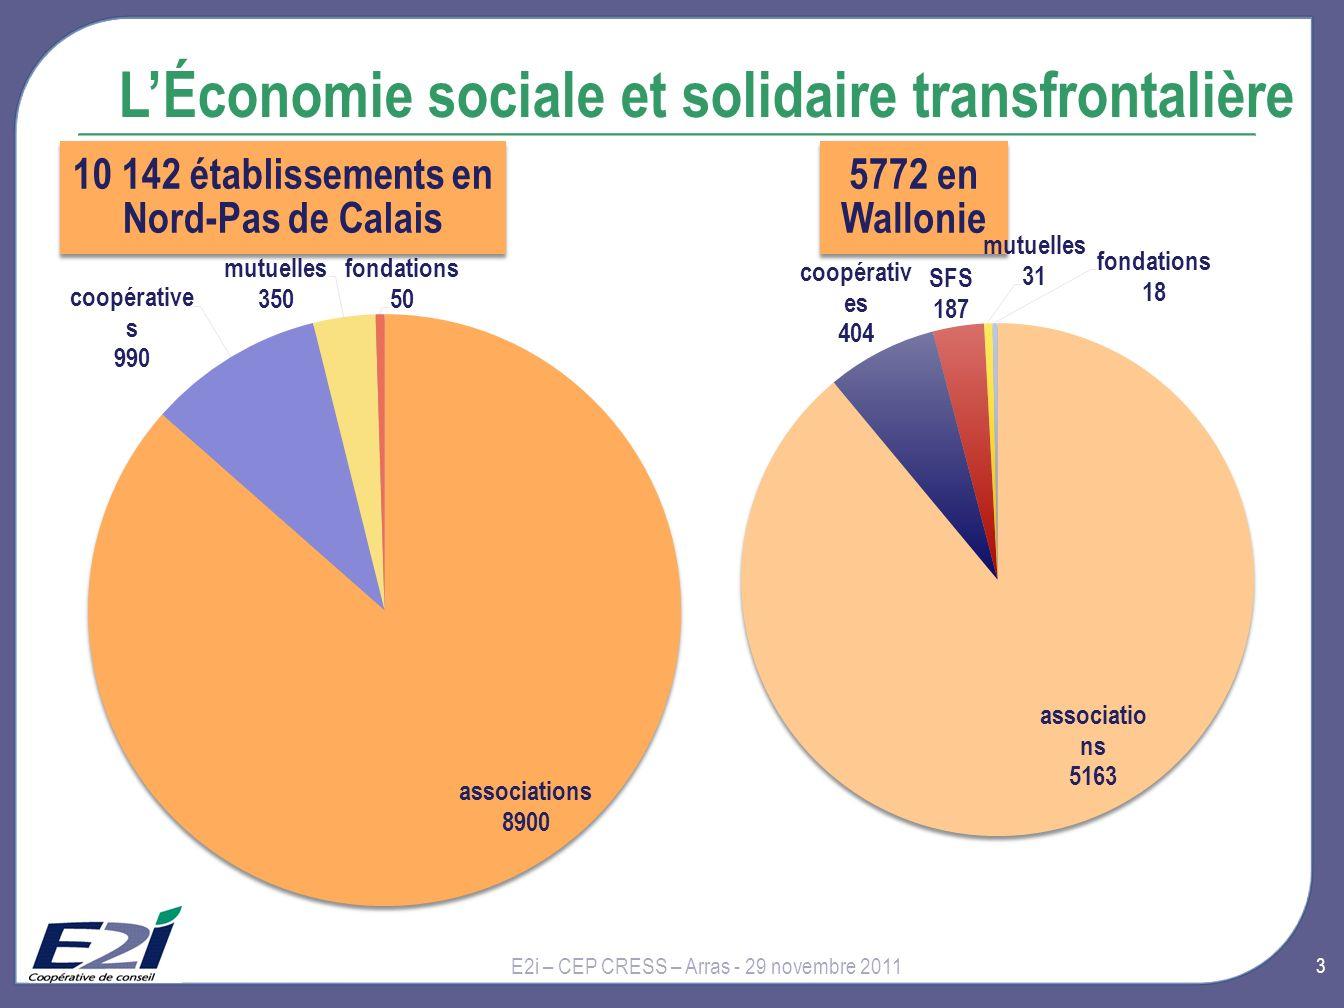 10 142 établissements en Nord-Pas de Calais